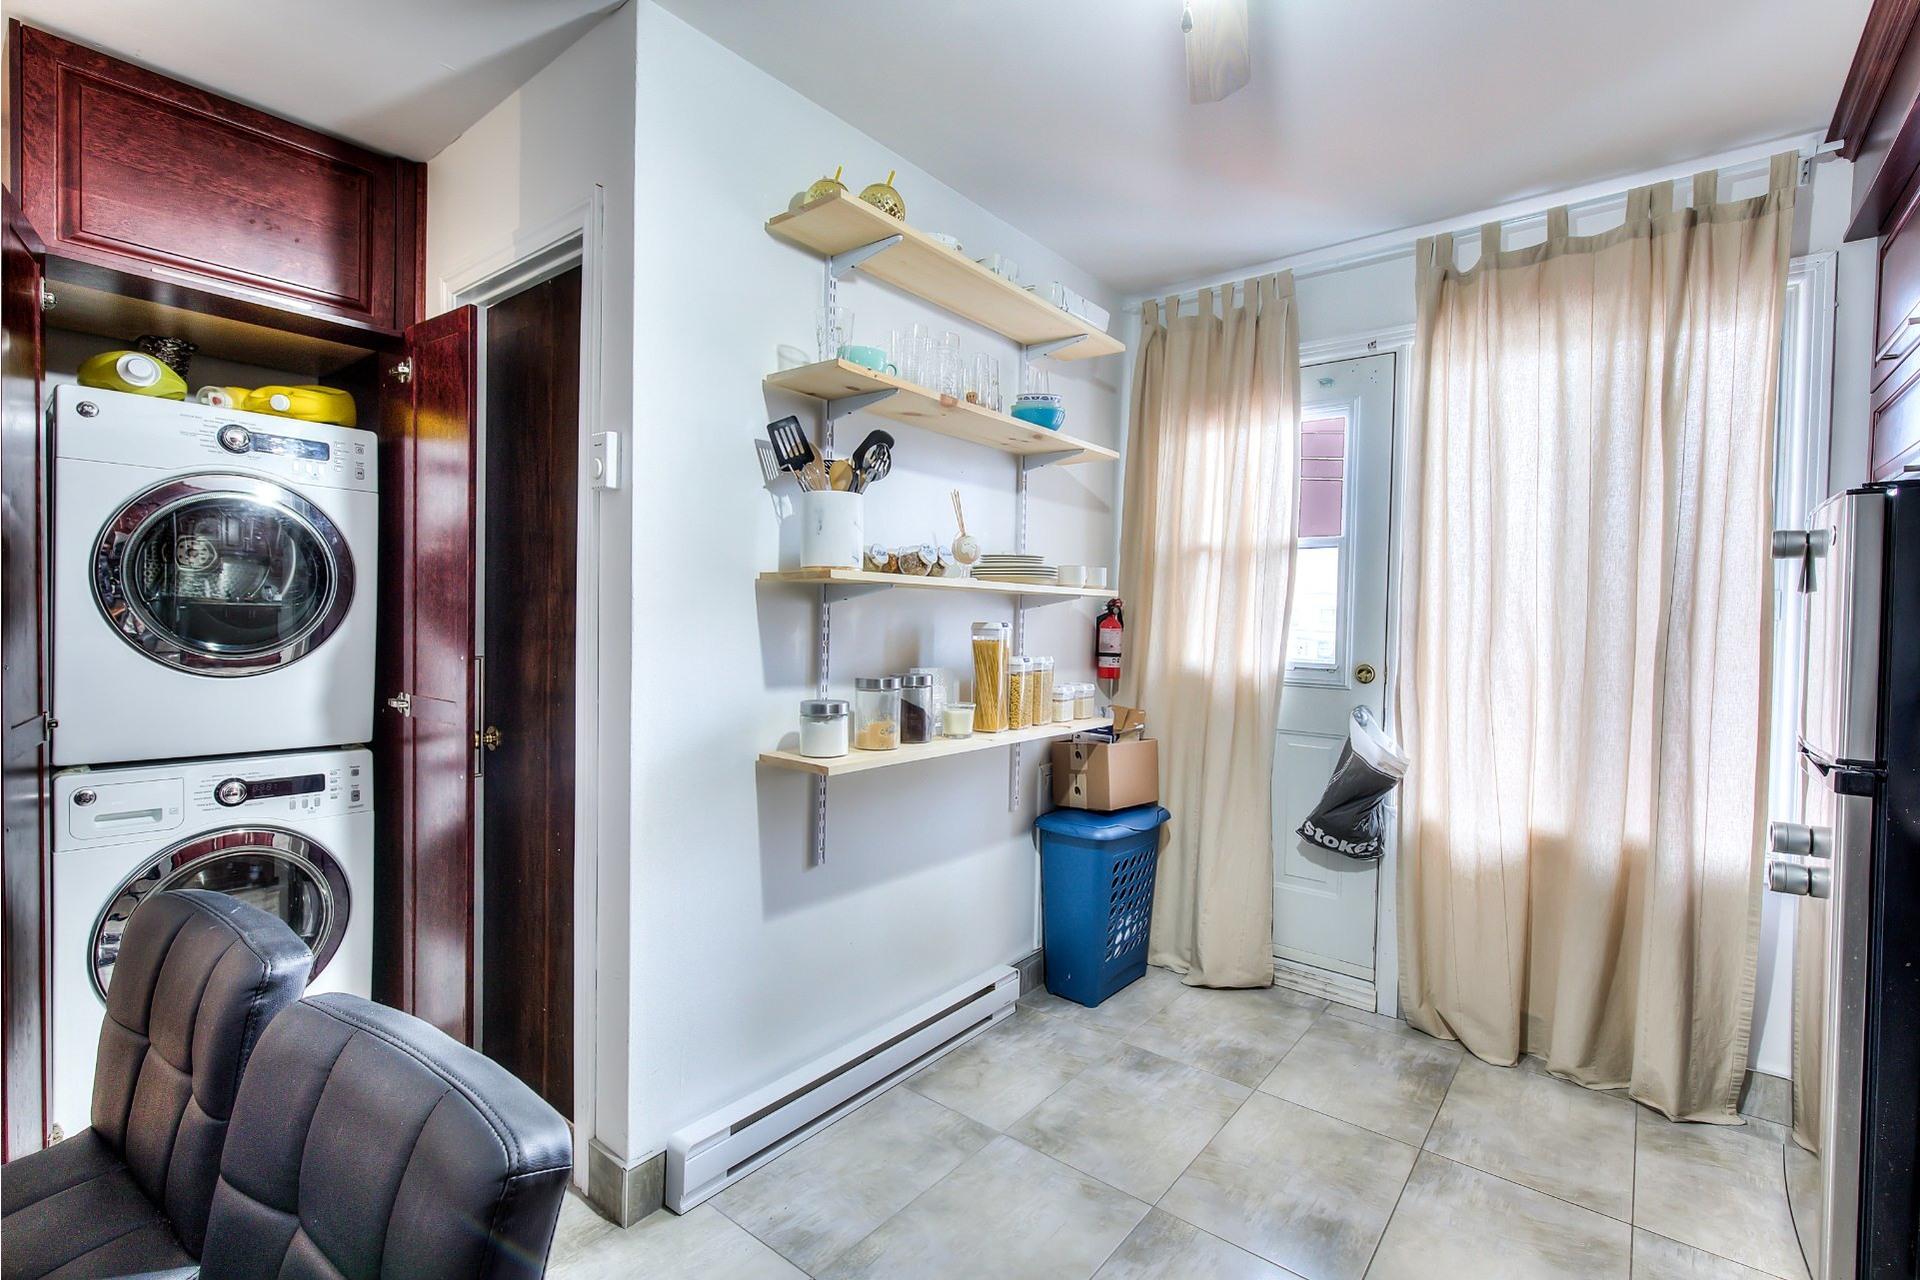 image 6 - Income property For sale Villeray/Saint-Michel/Parc-Extension Montréal  - 4 rooms